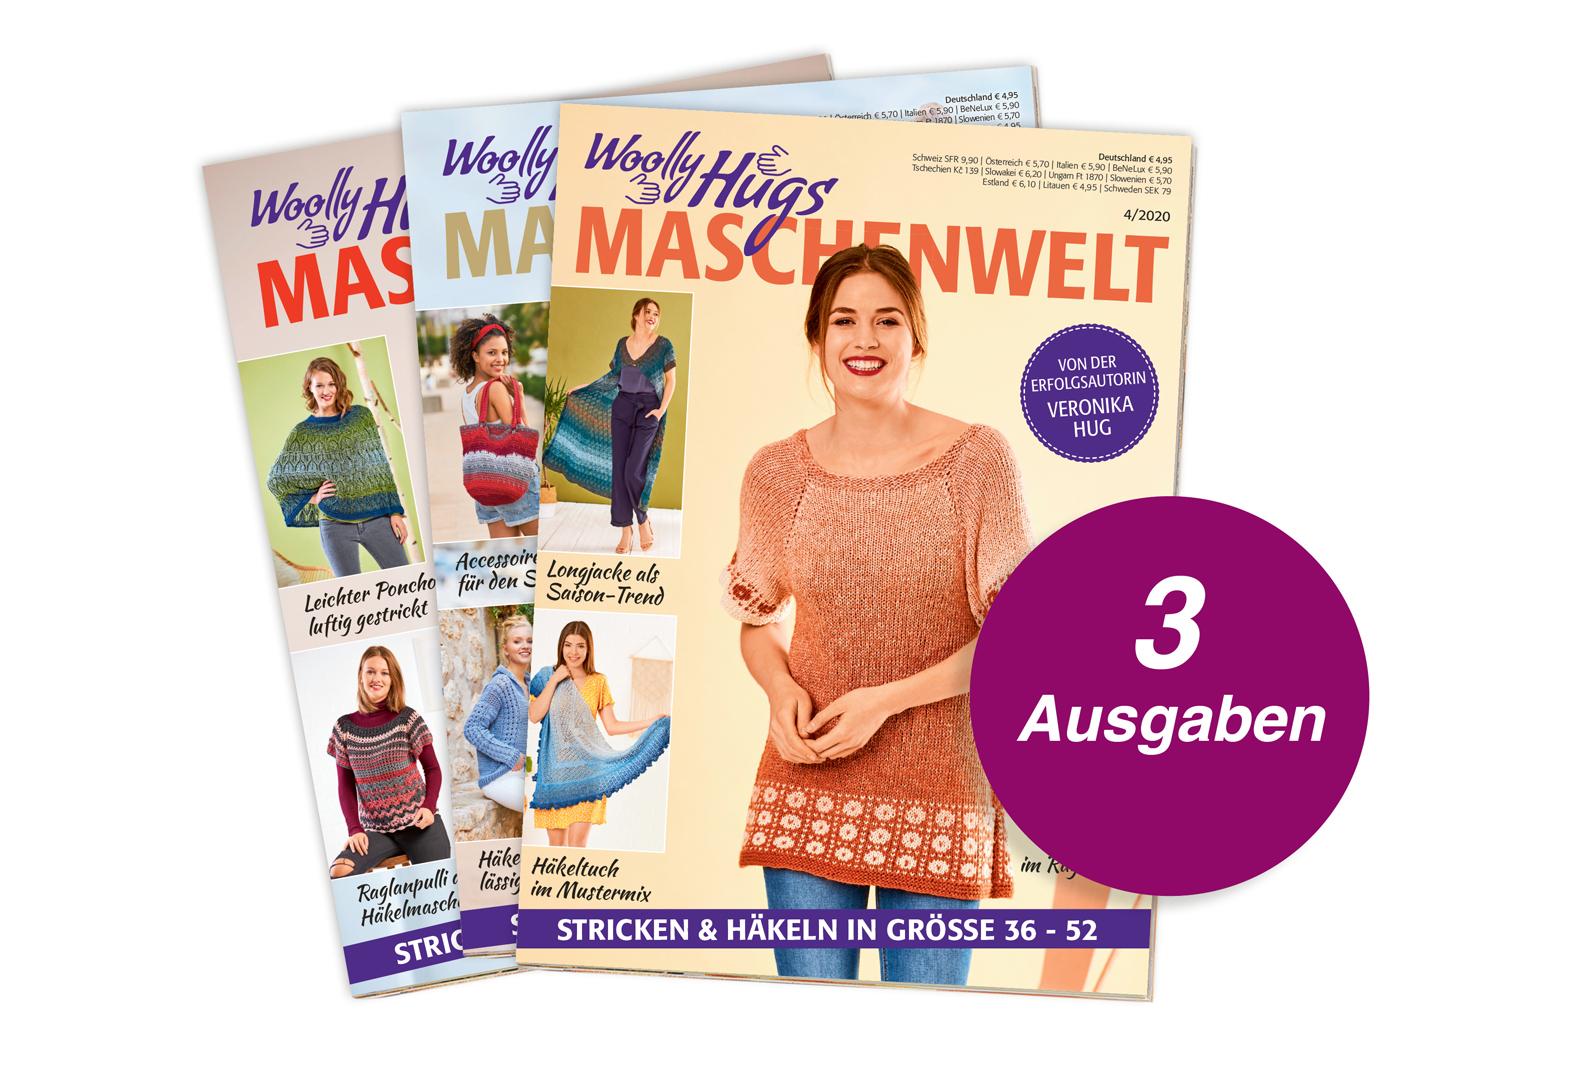 Woolly Hugs Maschenwelt - 3 Ausgaben Testabo